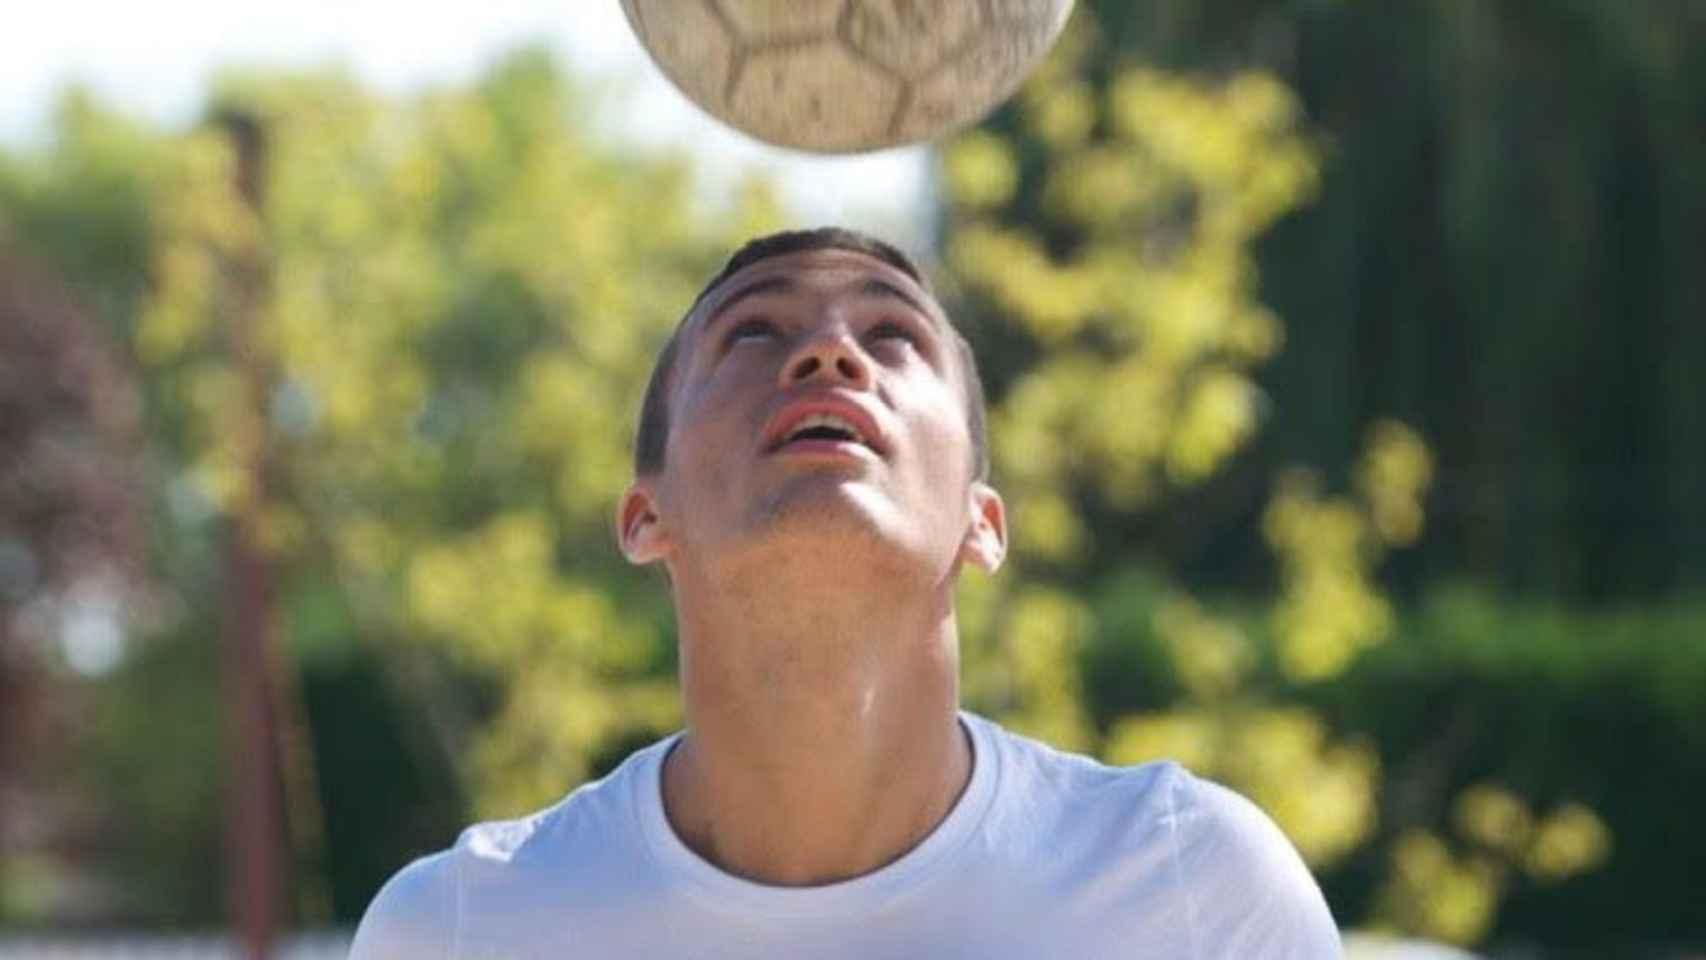 Quentin jugando al fútbol.